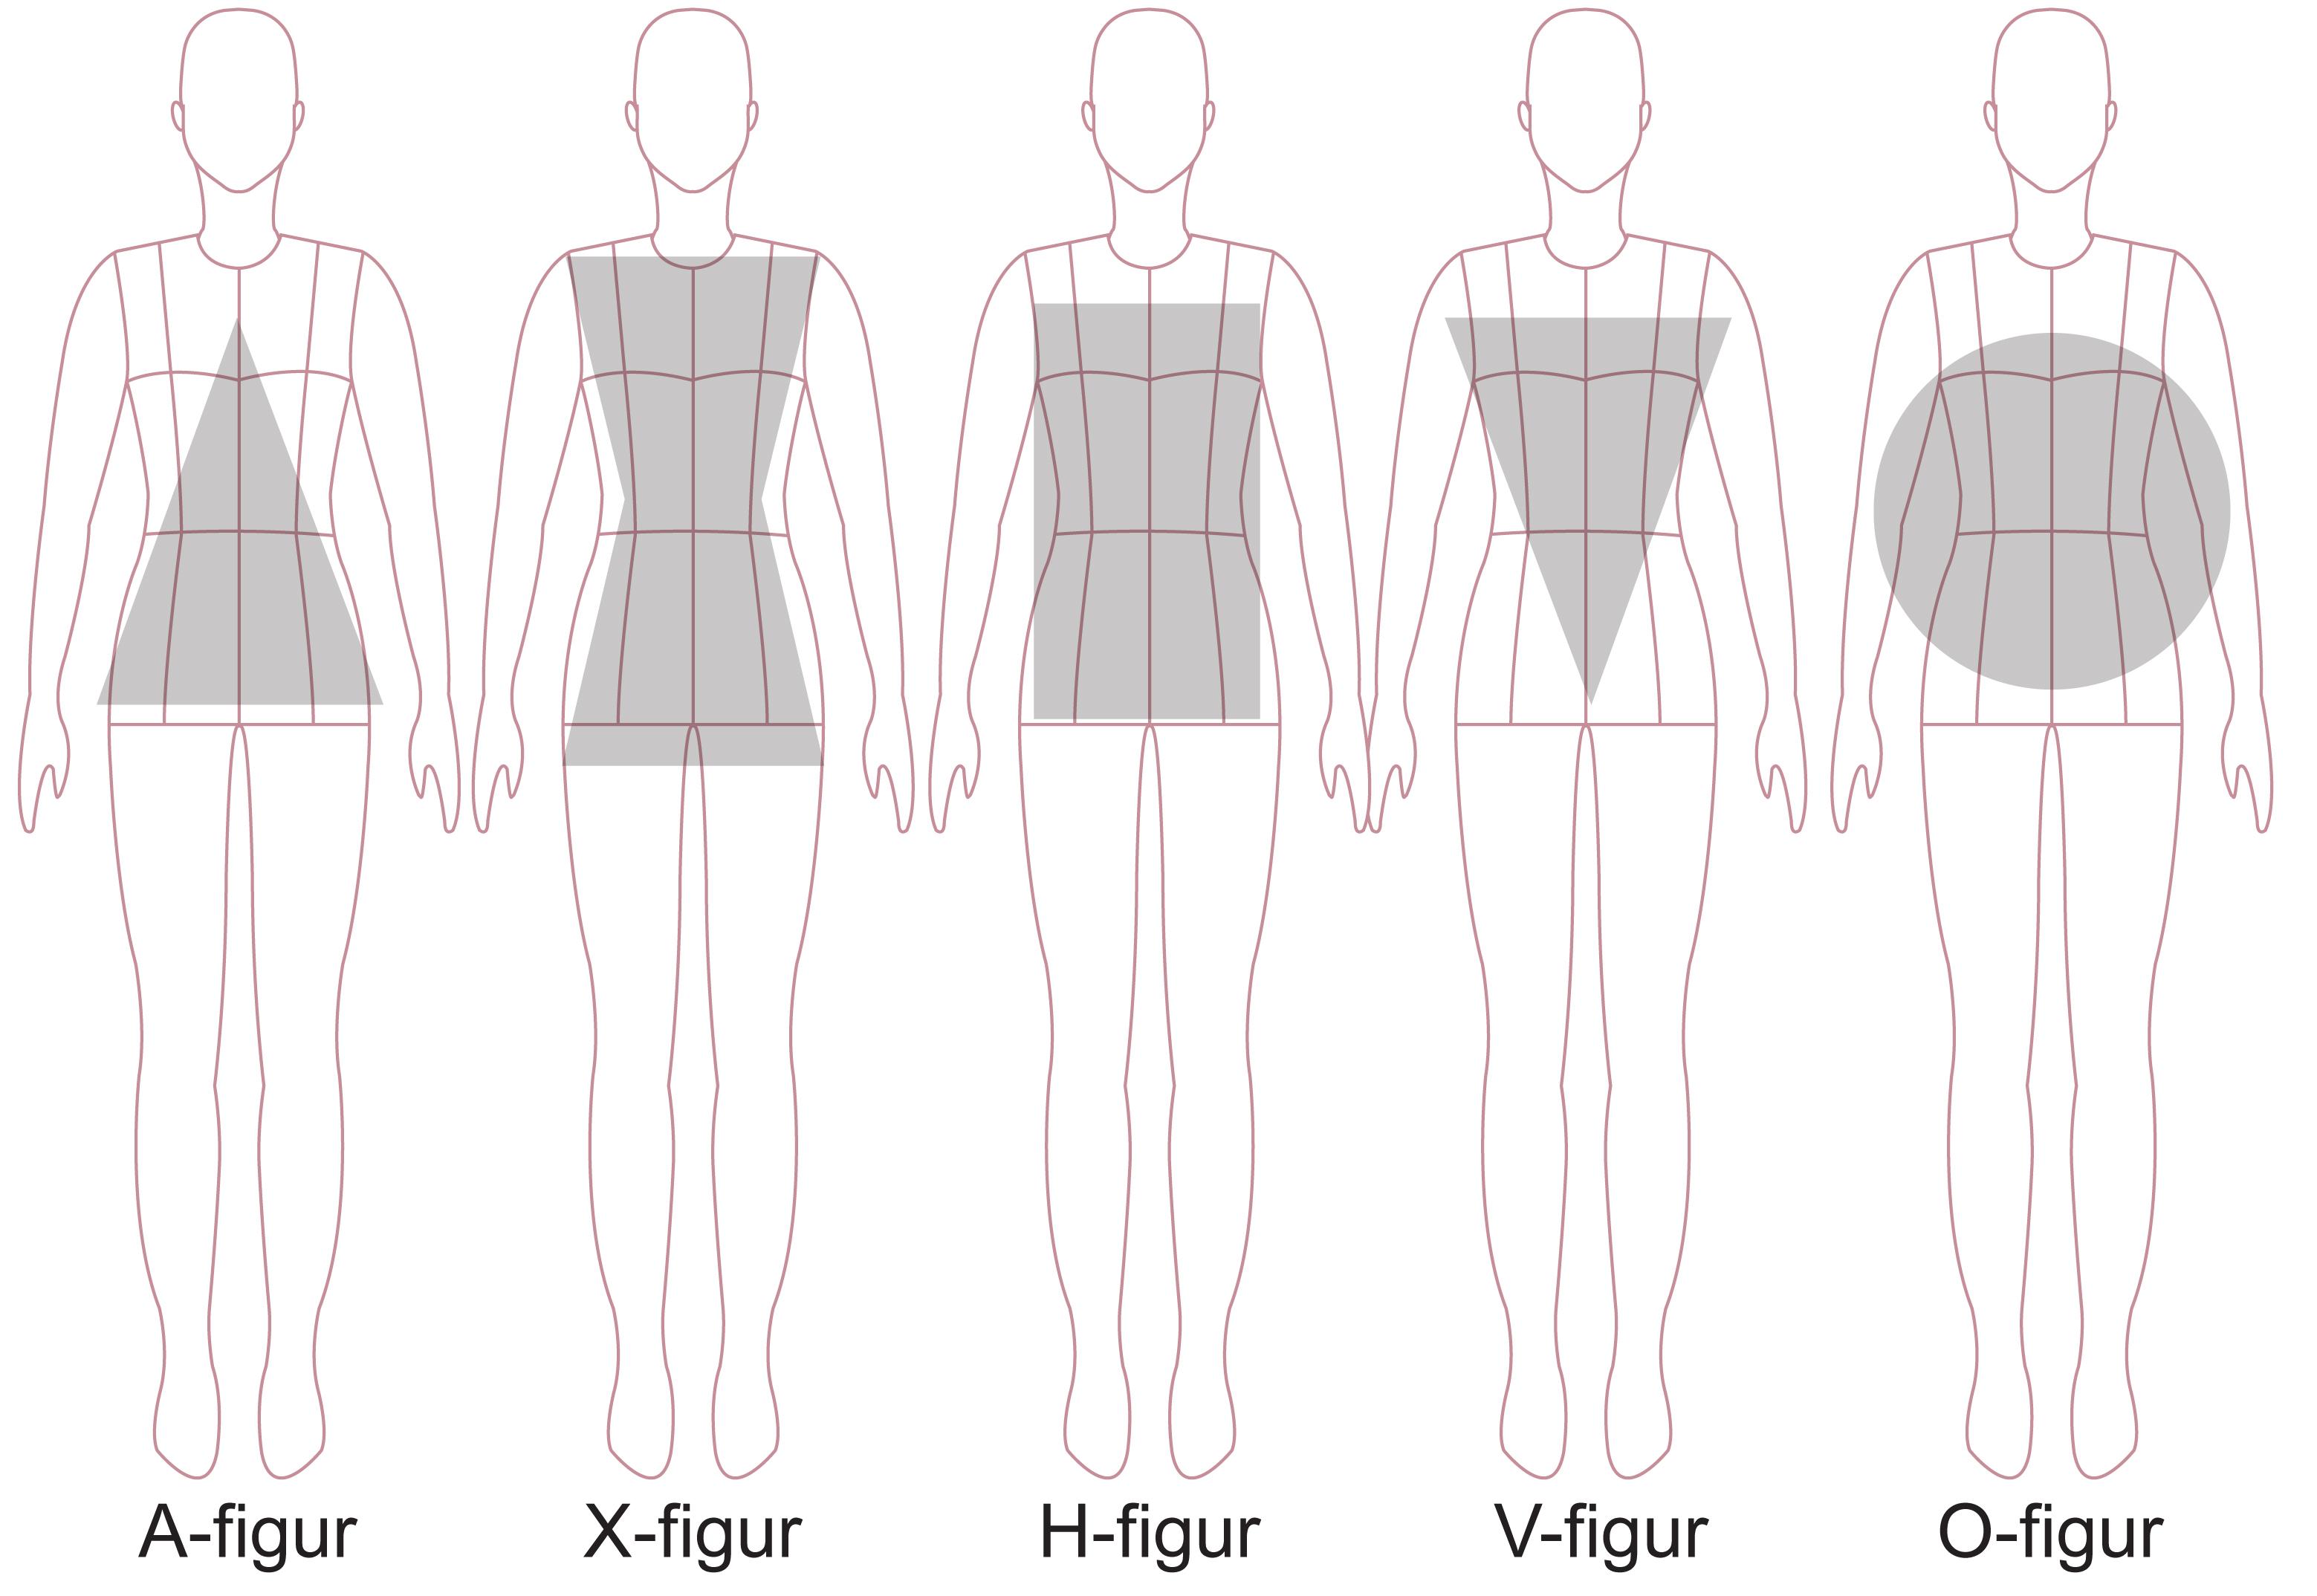 De 5 kropstyper, de fleste danske kvinder passer ind i. A figur er topscoreren.